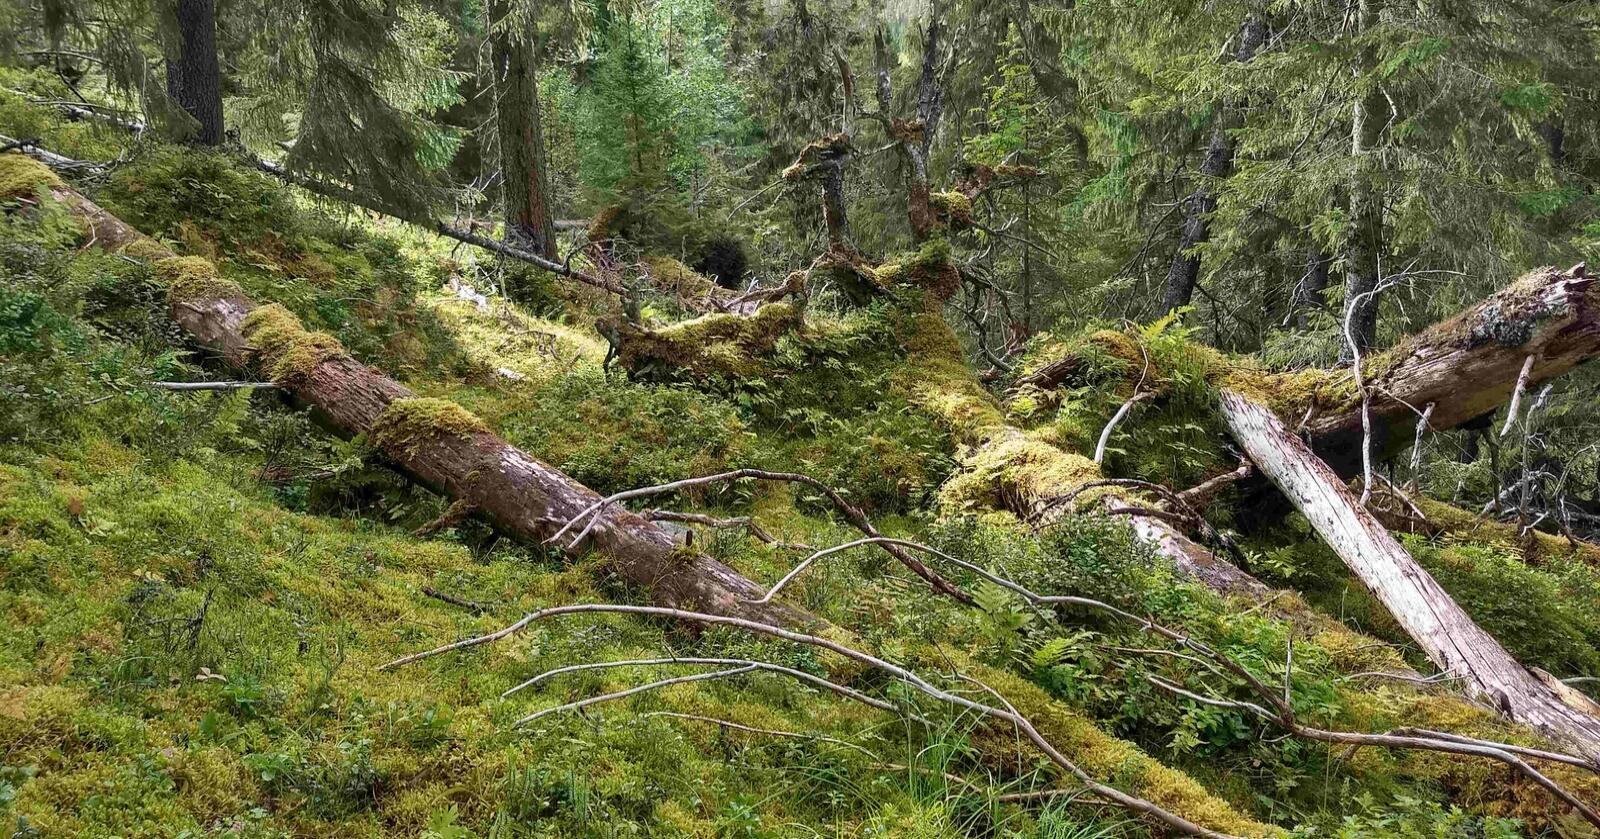 Gammel skog er et verdifullt leveområde for mange insekter og sopper. Her fra Steinkjer kommune.Foto: Aksel Granhus/Nibio